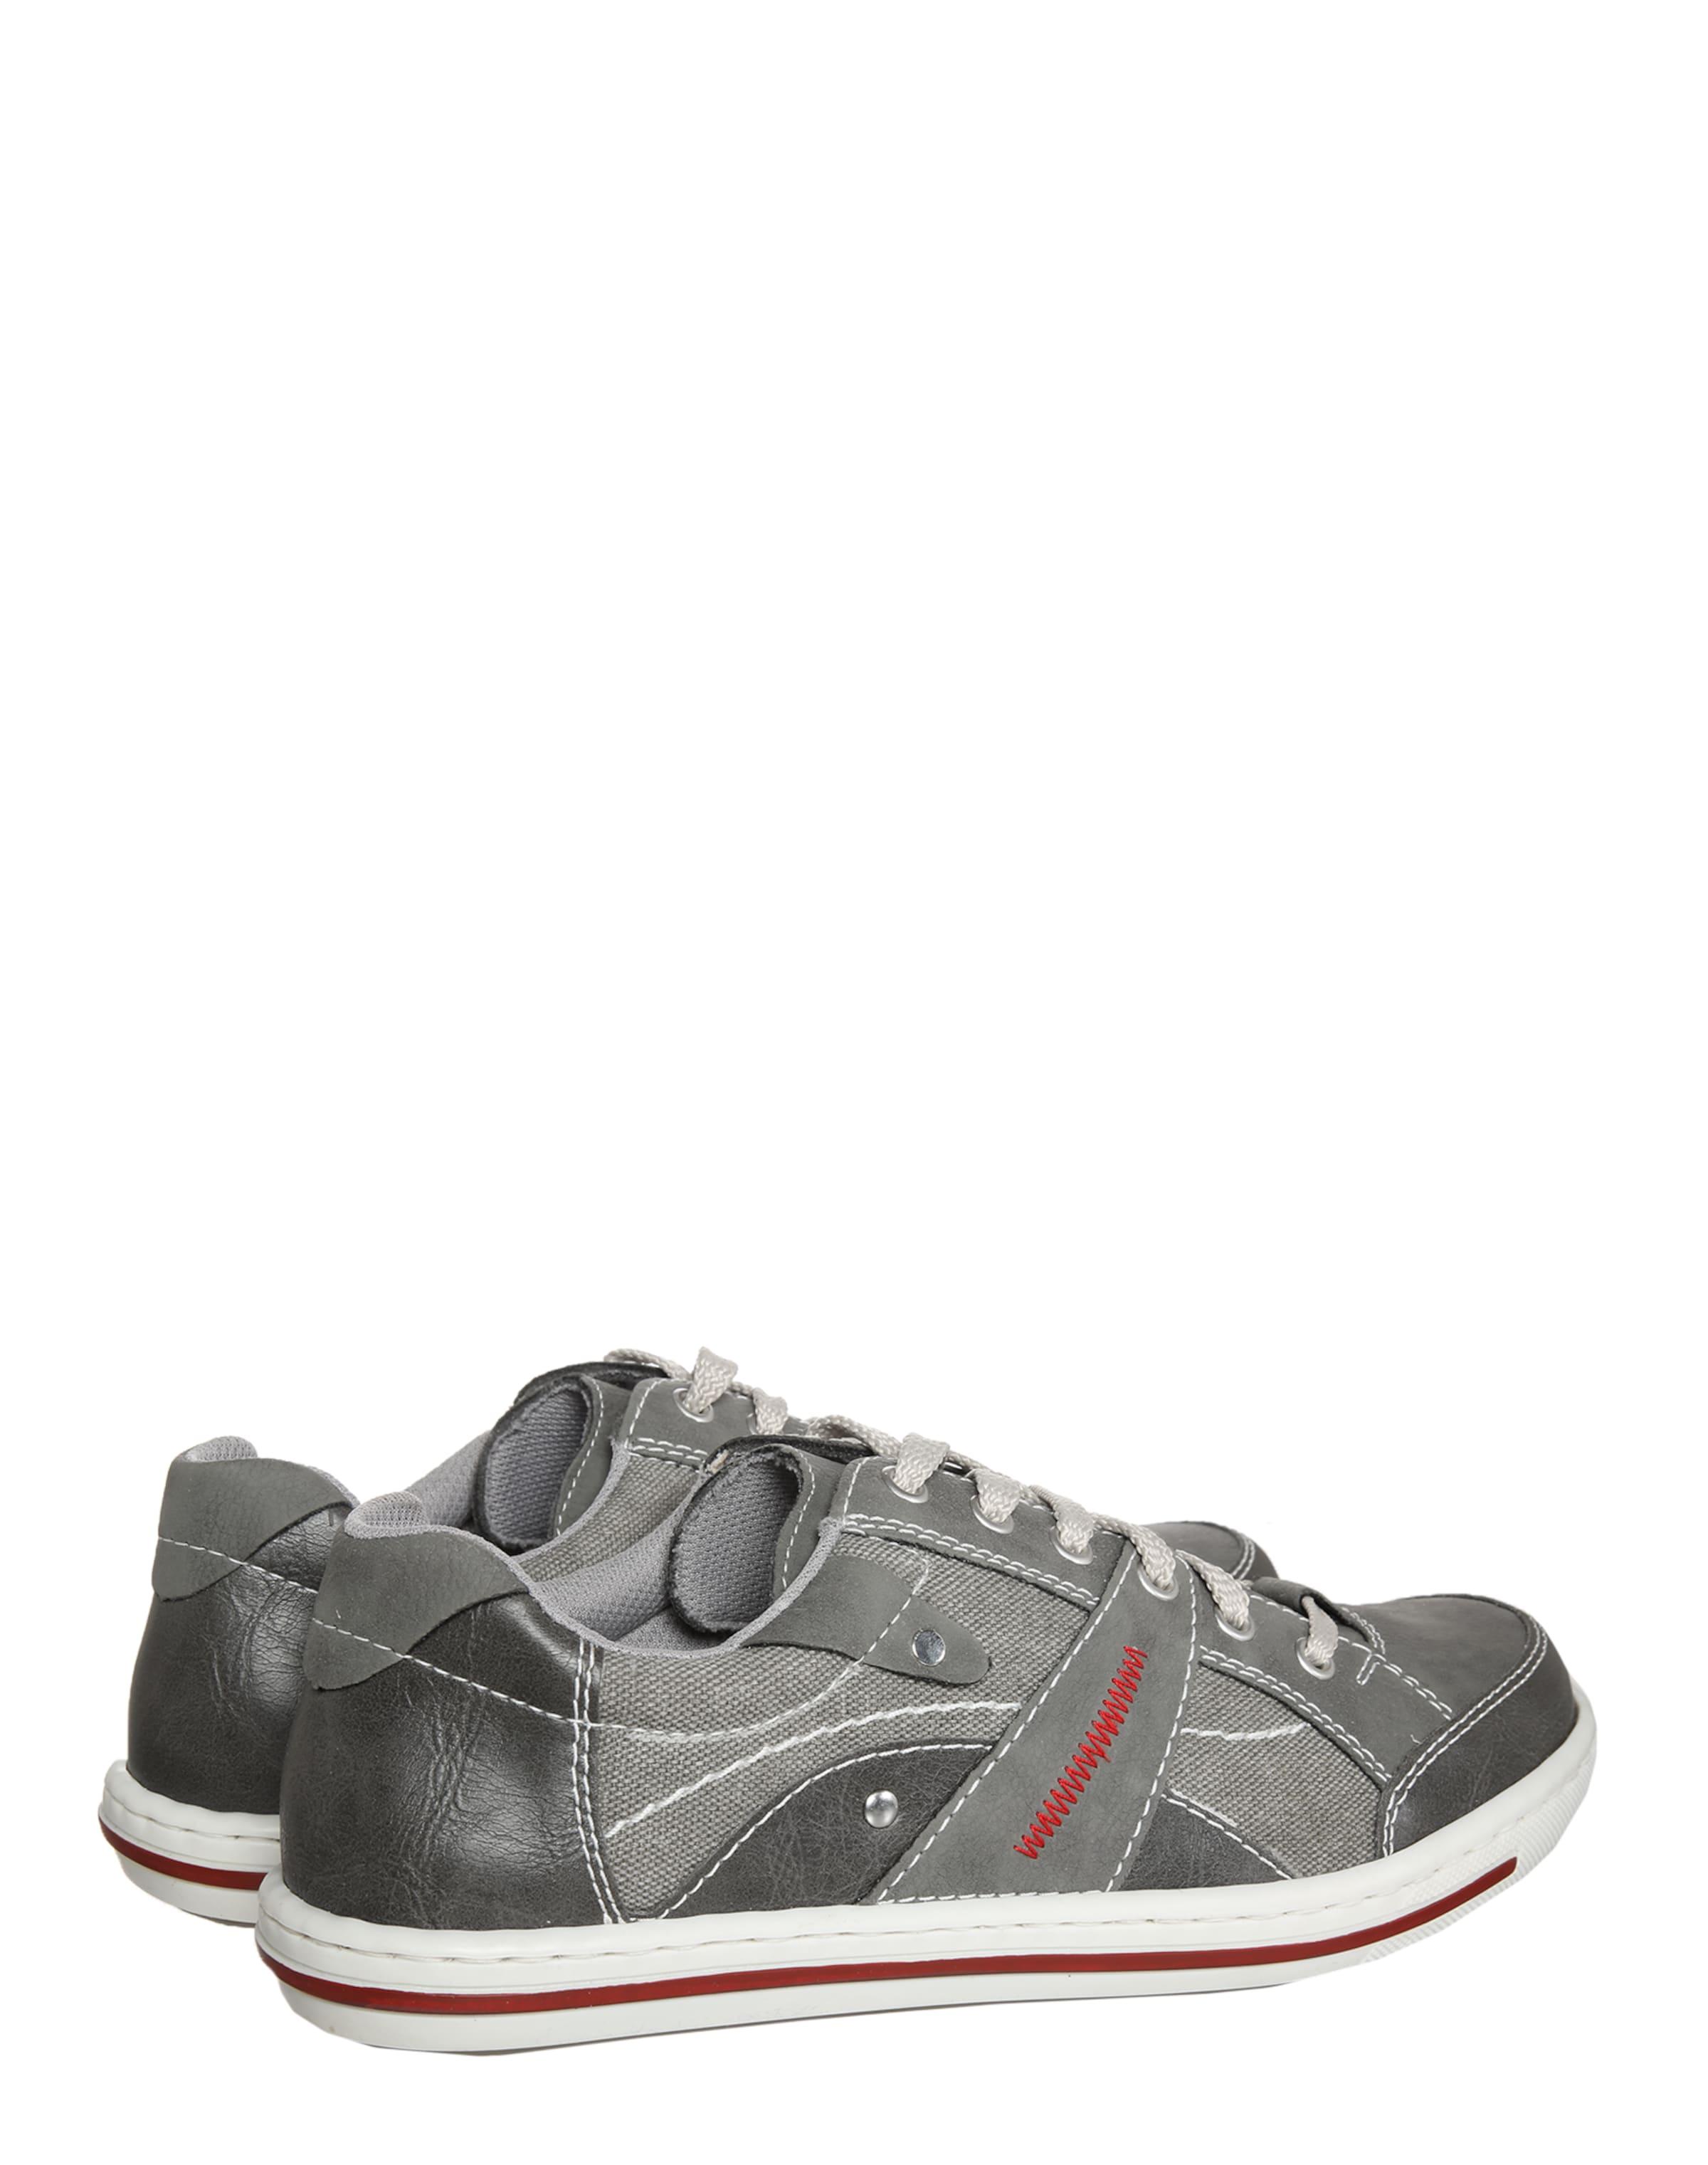 StoneRot Weiß In Weiß Rieker Sneaker In Rieker StoneRot Sneaker dBQrCxsth